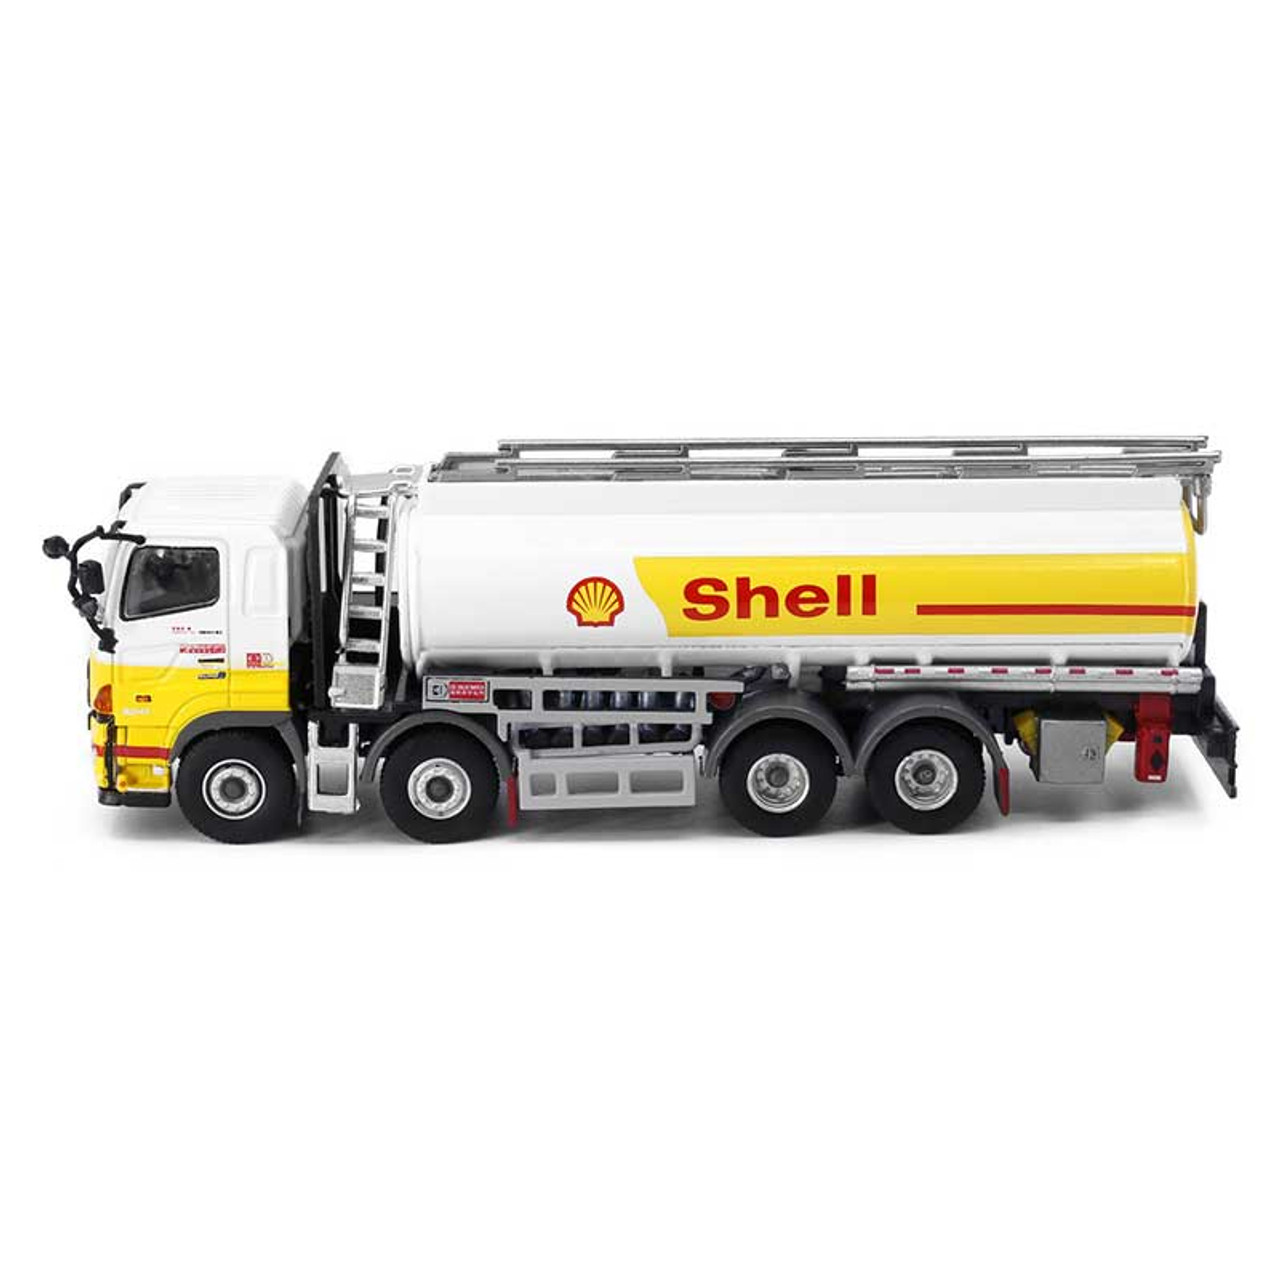 1:76 HINO 700 Shell Oil Tanker Truck